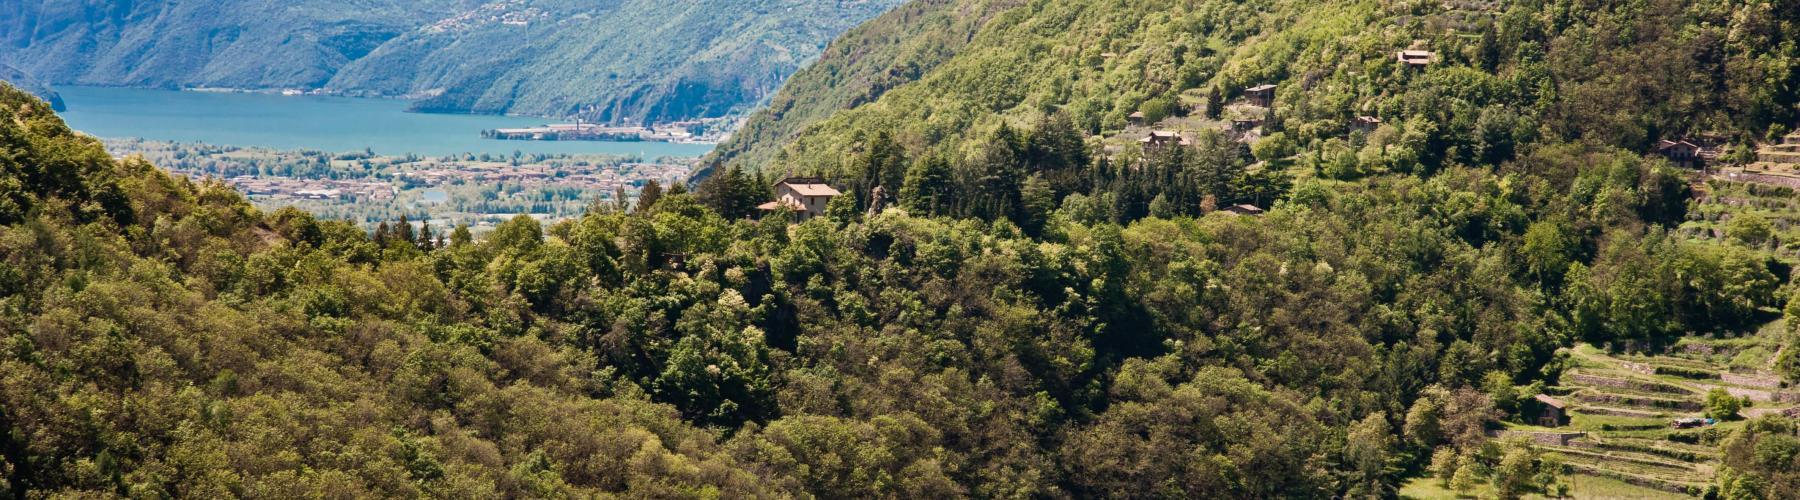 Copertina Tra vigne e ulivi in bassa Valle Camonica